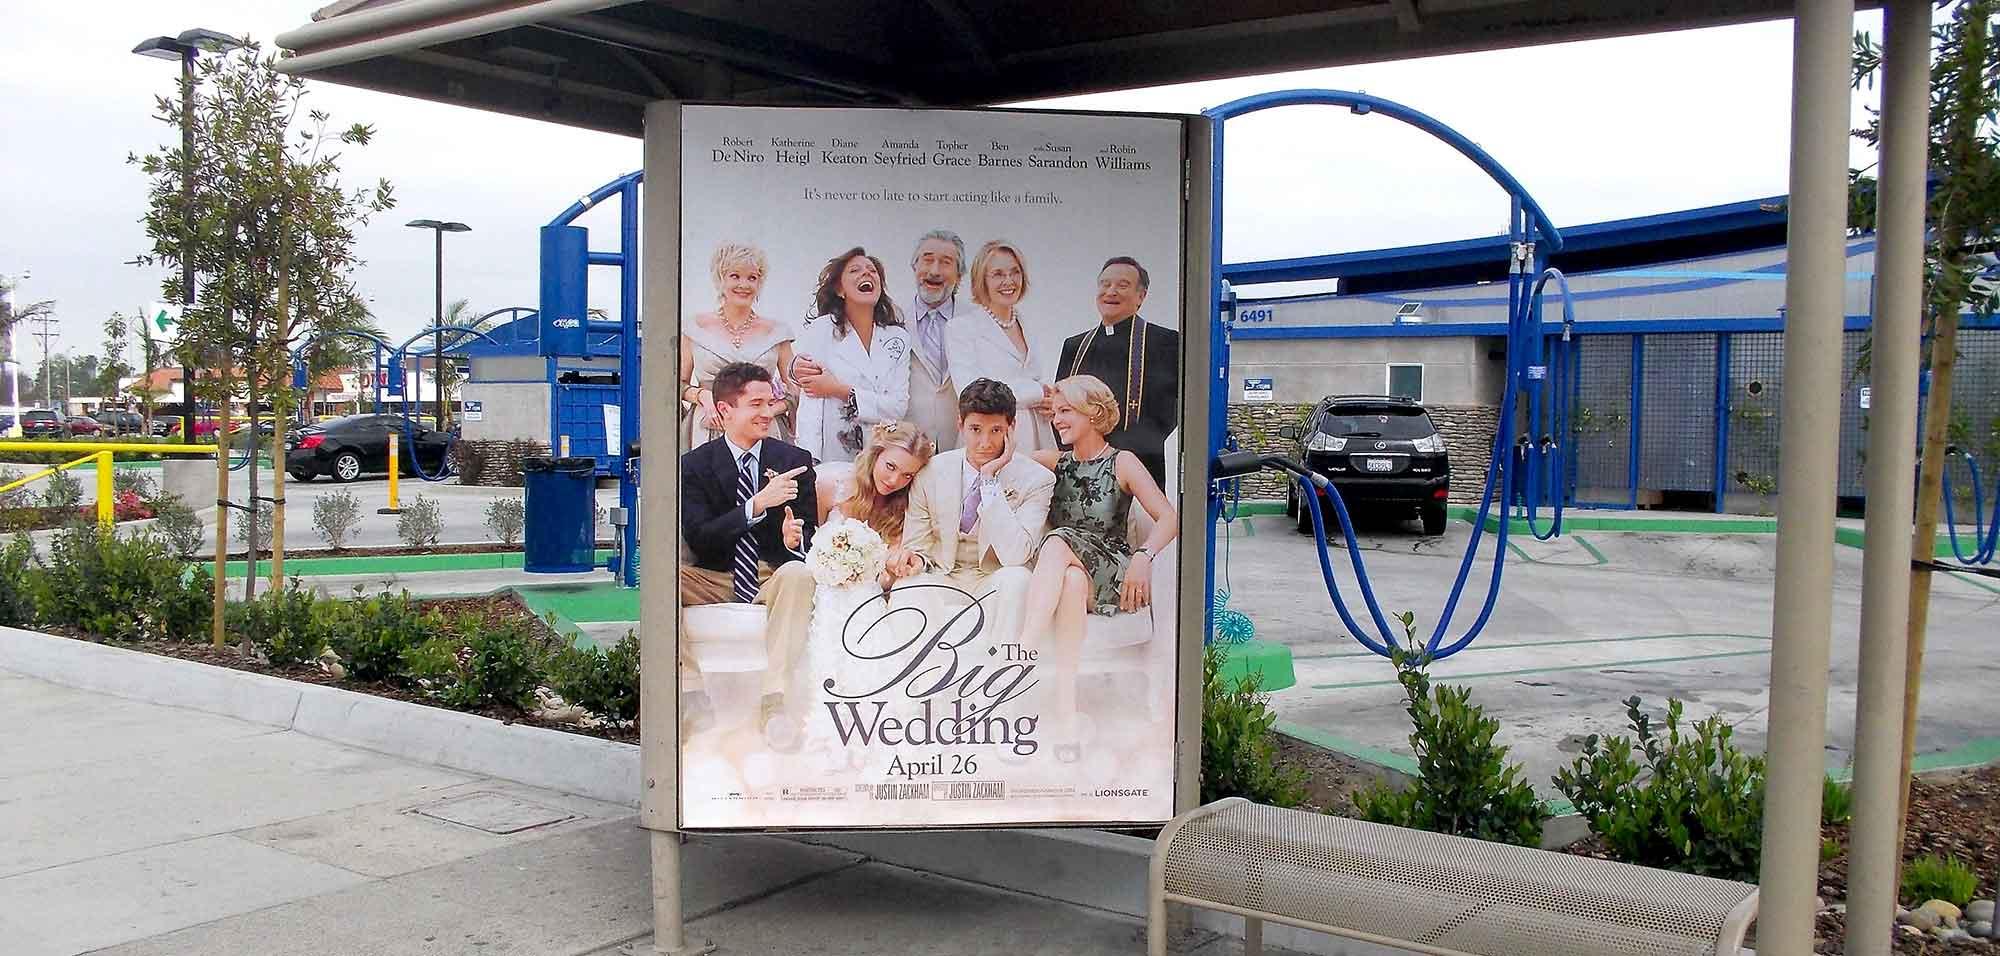 The-Big-Wedding-Shelter-Photo